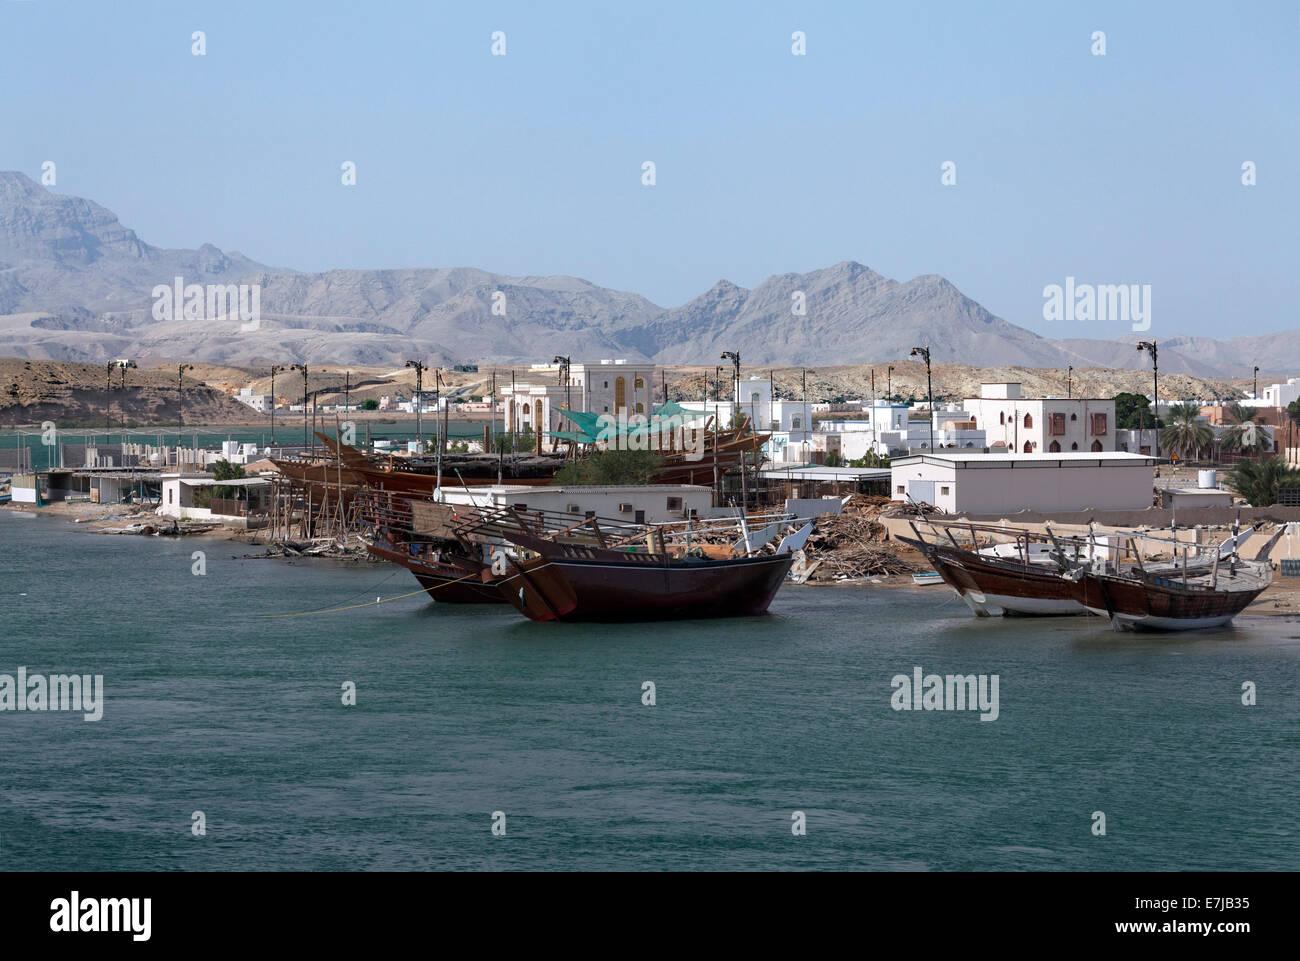 Werft für die Reparatur von alten Dhau-Schiffe, Sur, Ash Sharqiyah Provinz, Sultanat Oman, Arabische Halbinsel Stockbild